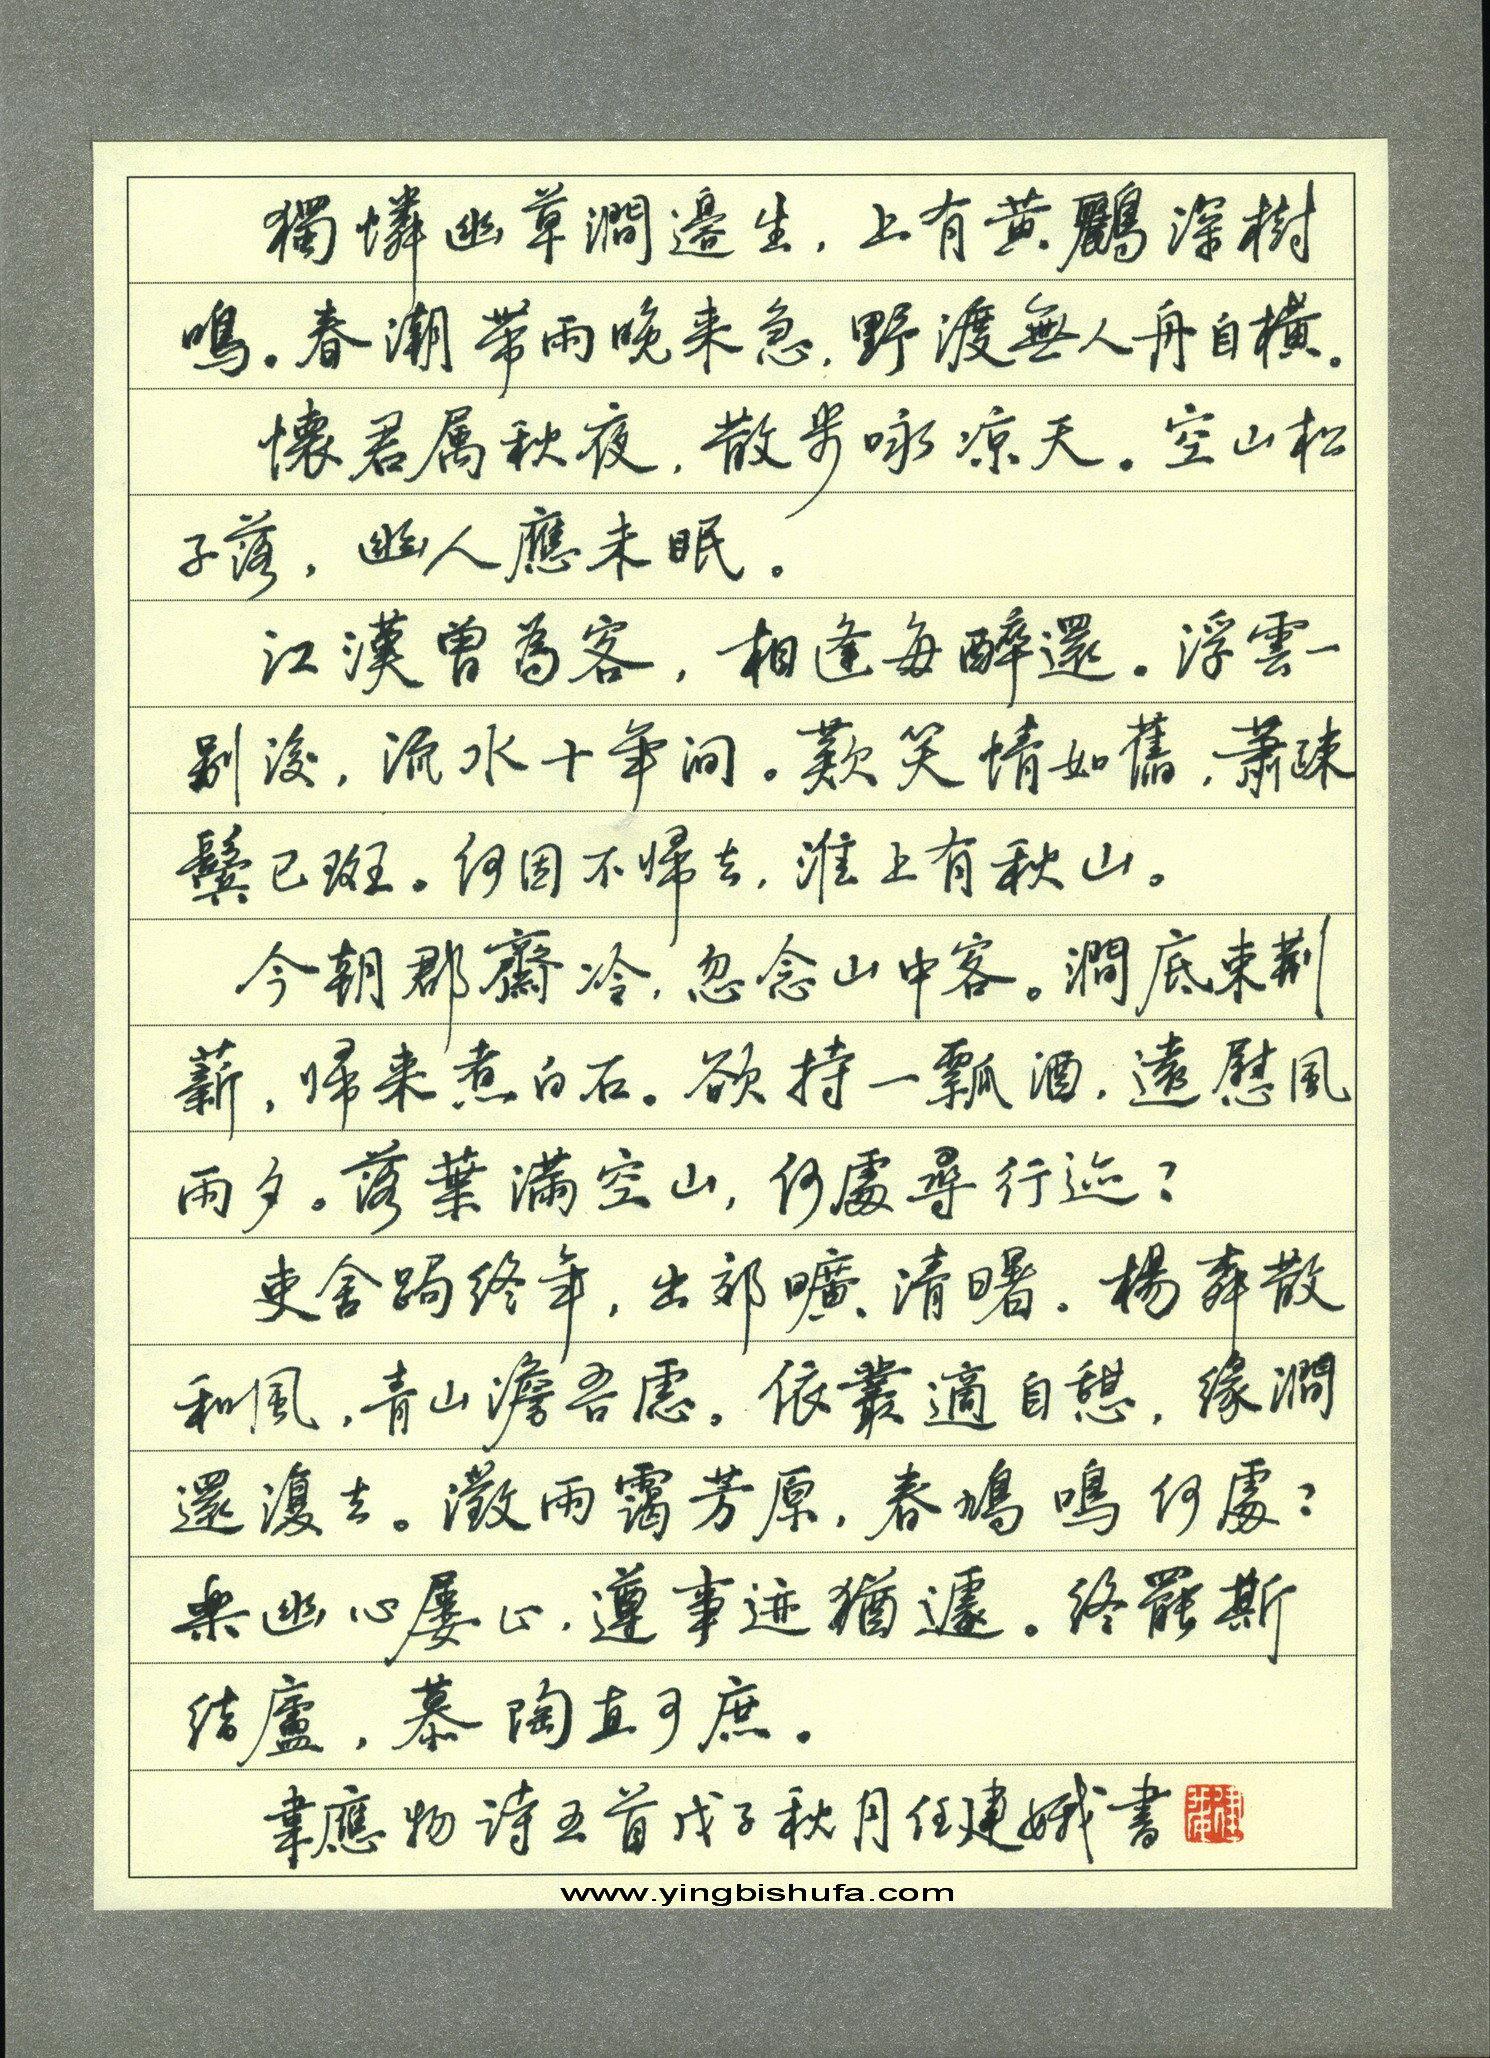 田英章硬笔行书现代汉语3500常用字字帖图片